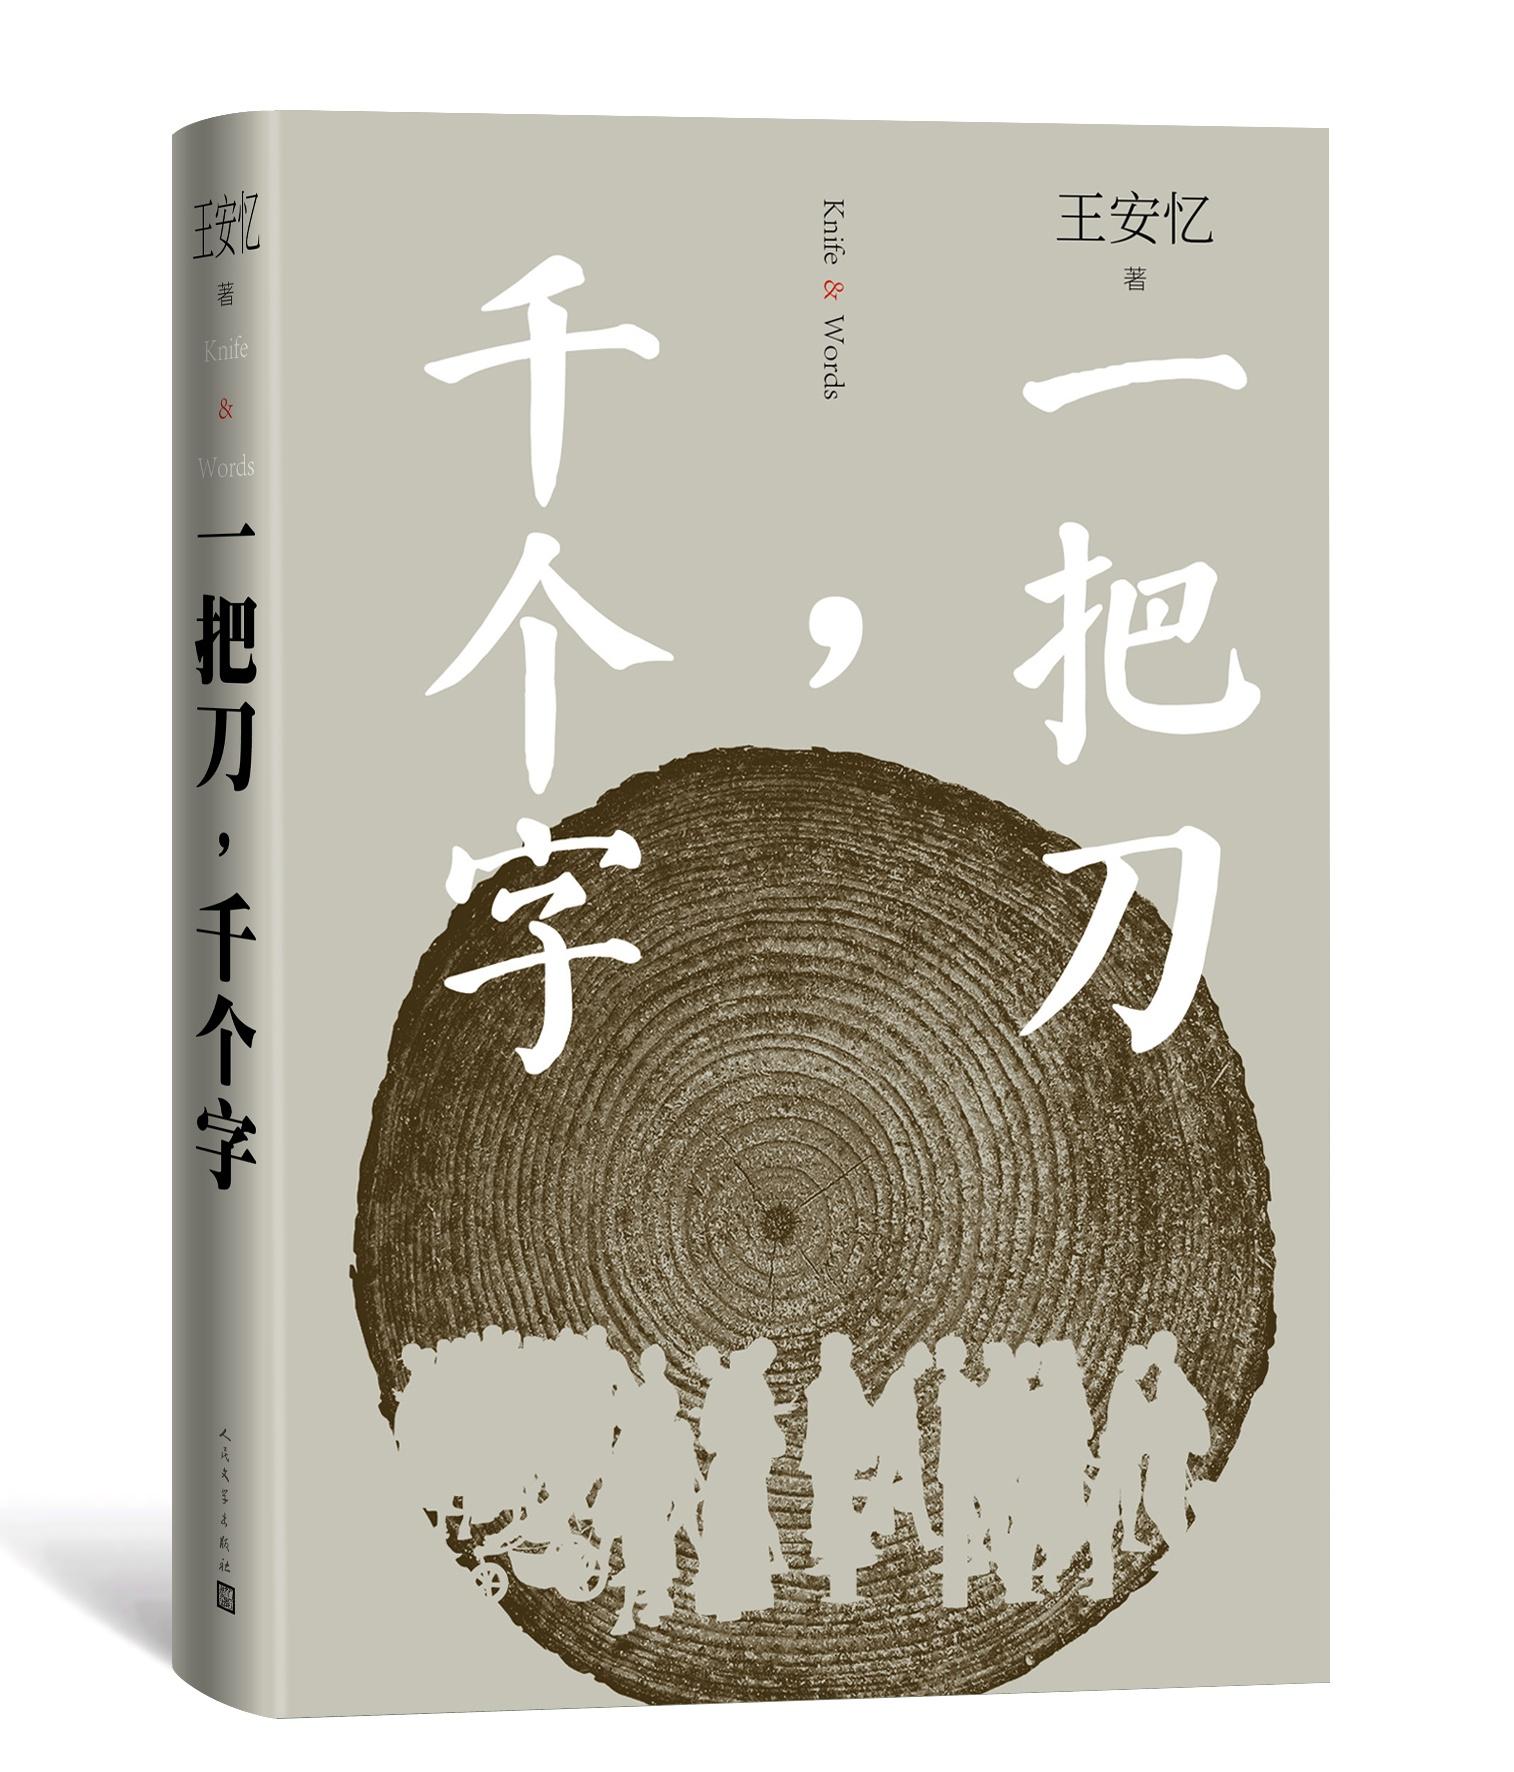 王安忆新作《一把刀,千个字》:切肤的痛楚付诸语言